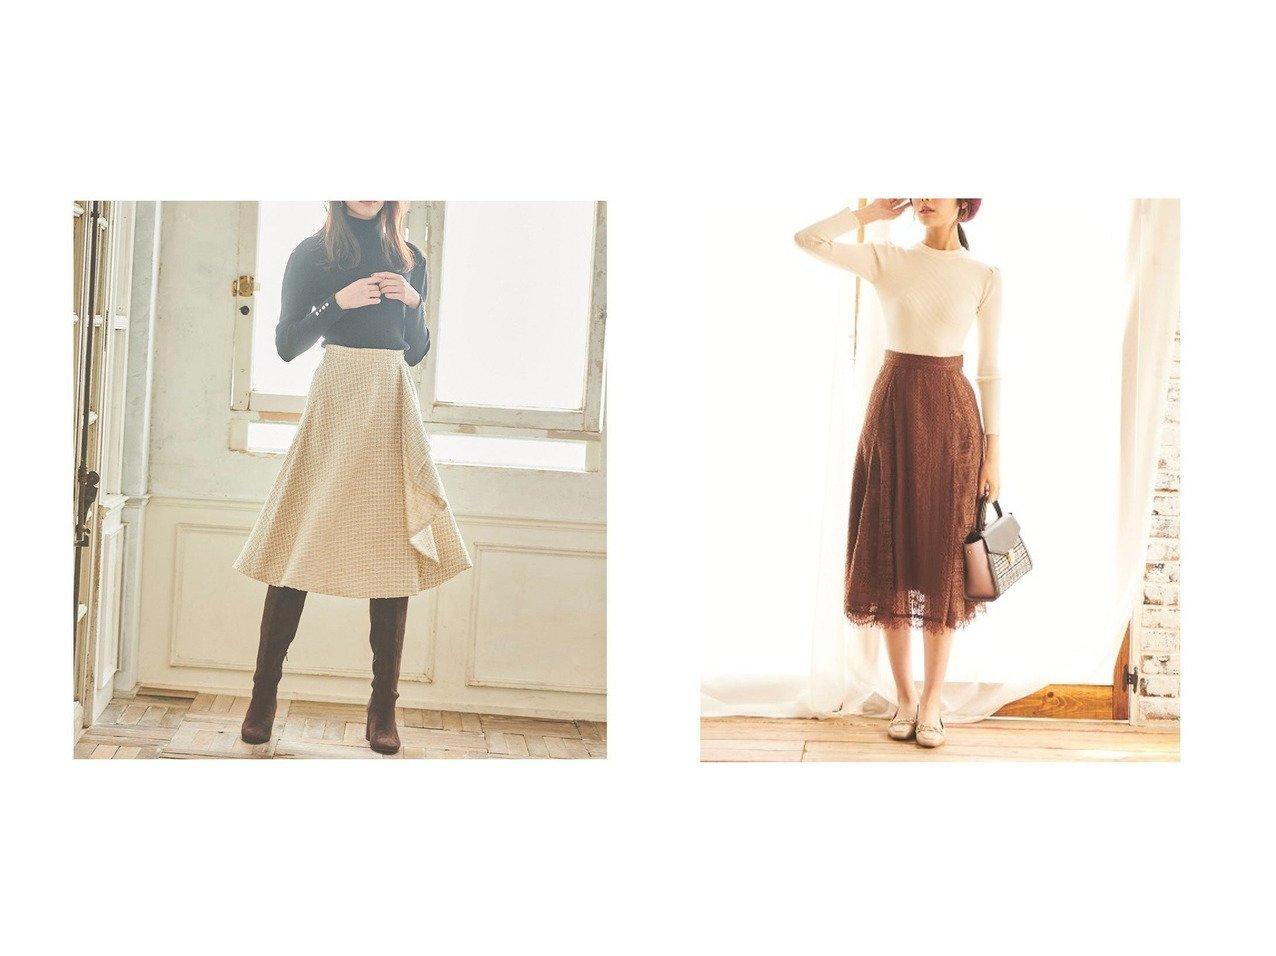 【31 Sons de mode/トランテアン ソン ドゥ モード】の【スカート】ストライプレースフレアスカート&ラッフルツイードフレアスカート スカートのおすすめ!人気、レディースファッションの通販 おすすめで人気のファッション通販商品 インテリア・家具・キッズファッション・メンズファッション・レディースファッション・服の通販 founy(ファニー) https://founy.com/ ファッション Fashion レディース WOMEN スカート Skirt Aライン/フレアスカート Flared A-Line Skirts ツイード 定番 フリル フレア 冬 Winter |ID:crp329100000001510